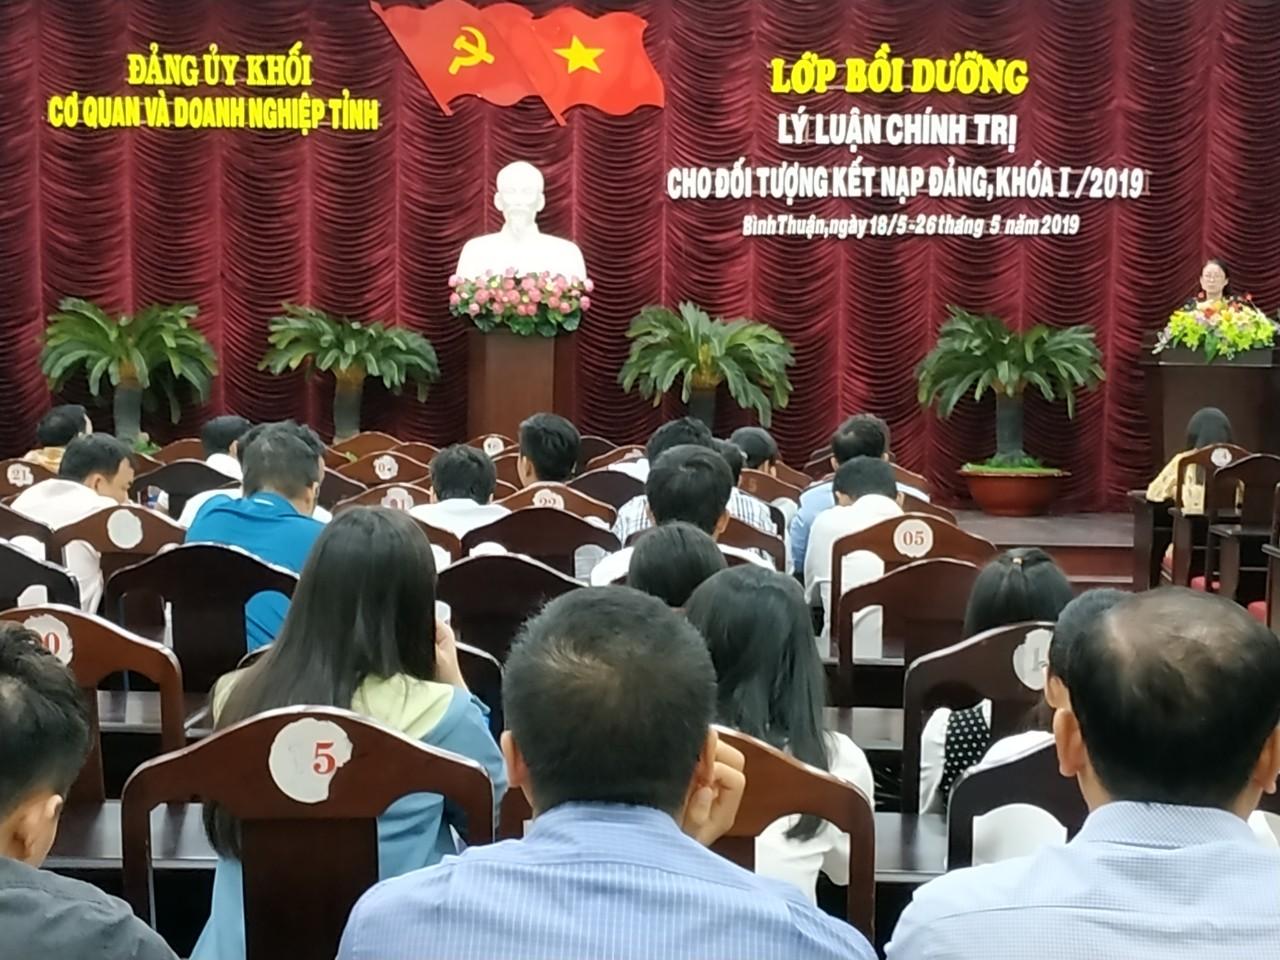 Hình Những nét mới trong công tác tham mưu của cán bộ, công chức Cơ quan Đảng ủy Khối